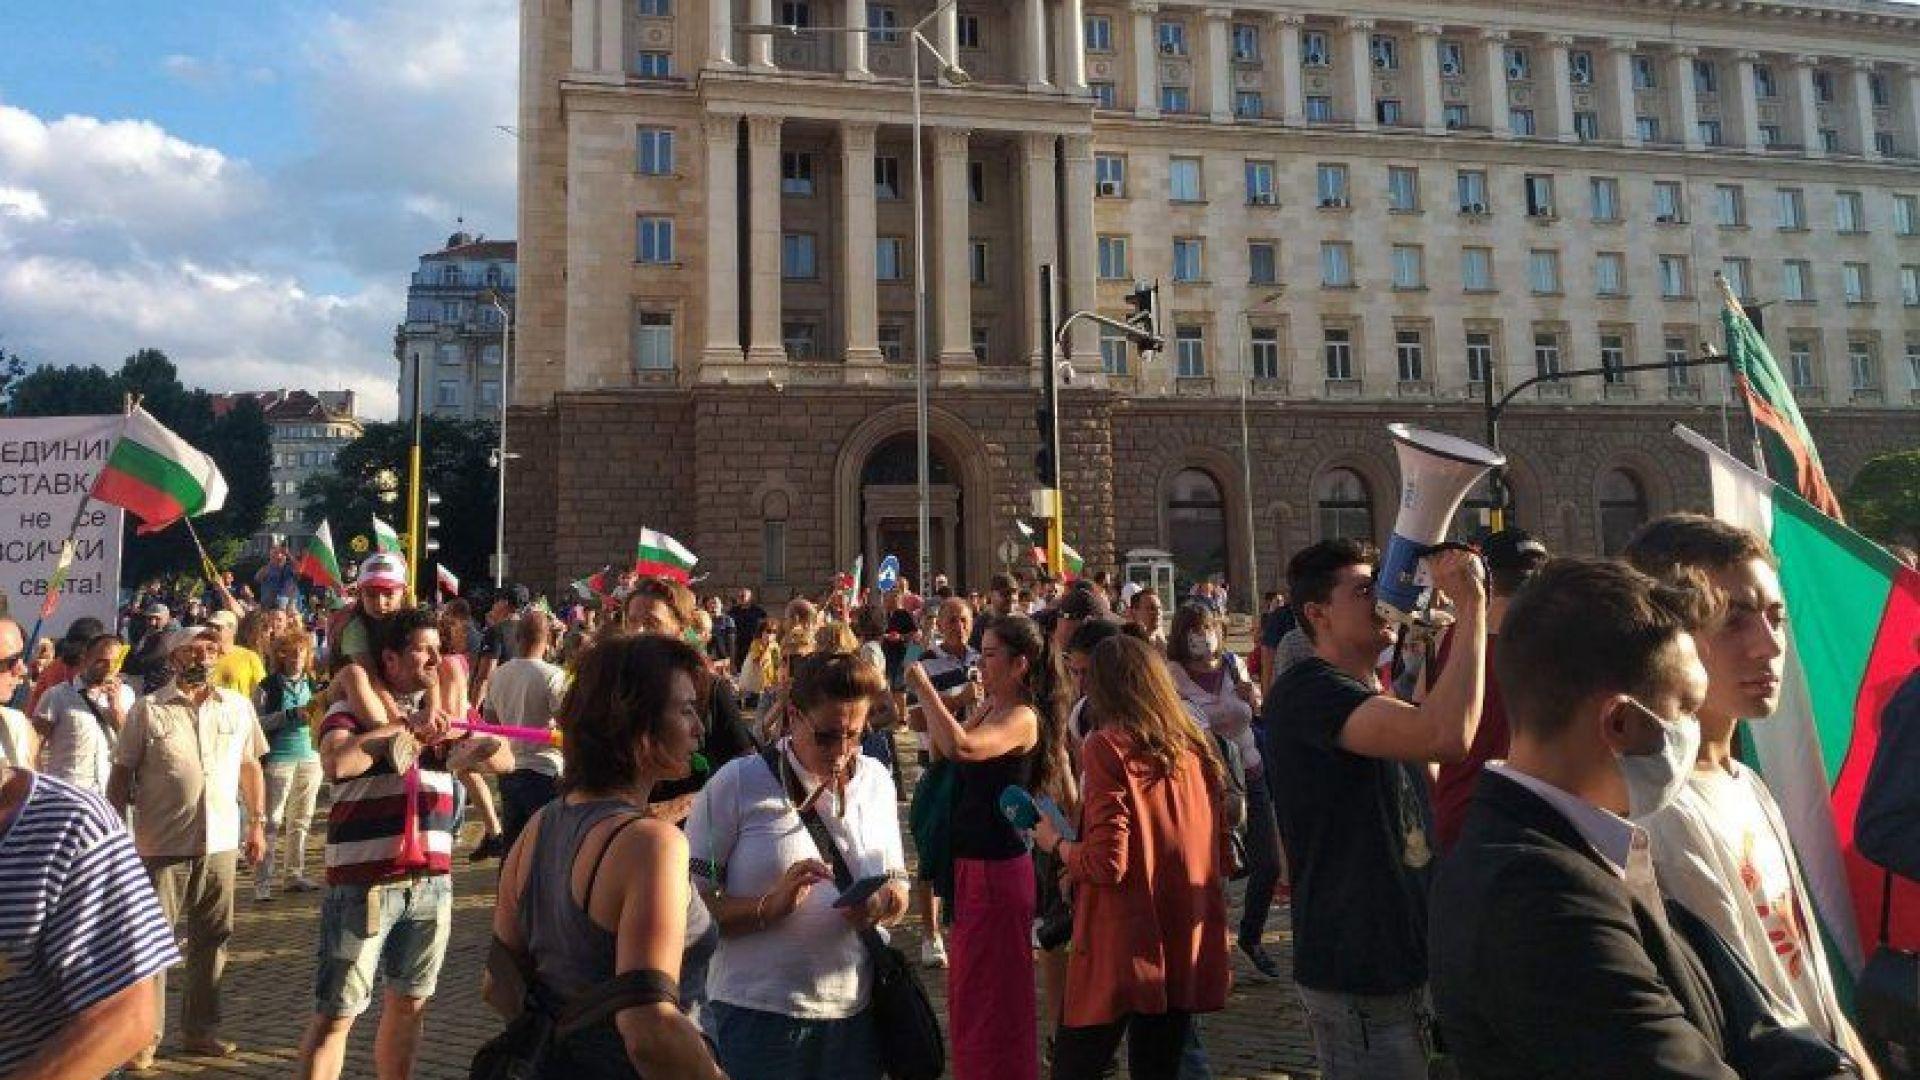 18-ти ден на протестите, демонстрантите хвърлят свински уши по сградата на МС, блокираха кръстовища